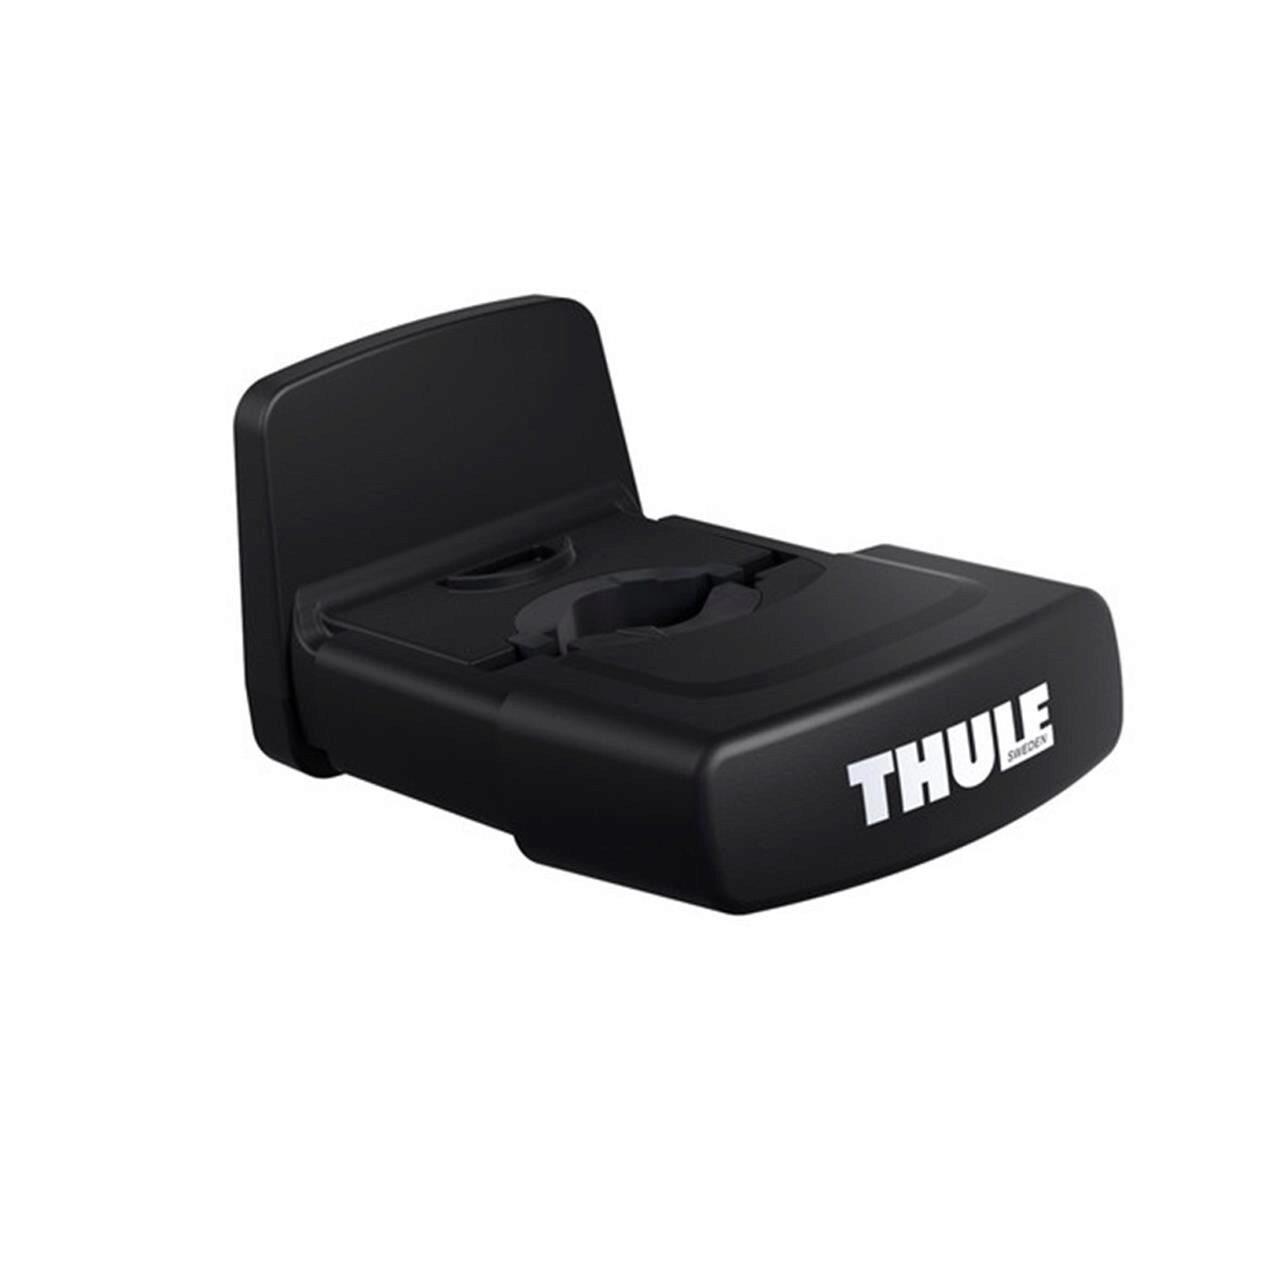 Adaptor suplimentar pentru transfer rapid, a scaunului de copil pentru bicicleta Thule Yepp Nexxt Mini SlimFit Adapter